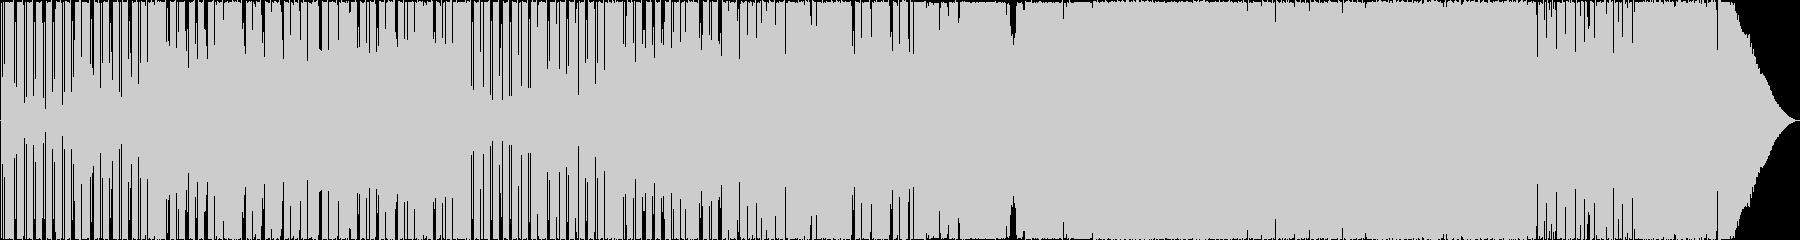 元気のあるアップテンポなポップロックの未再生の波形